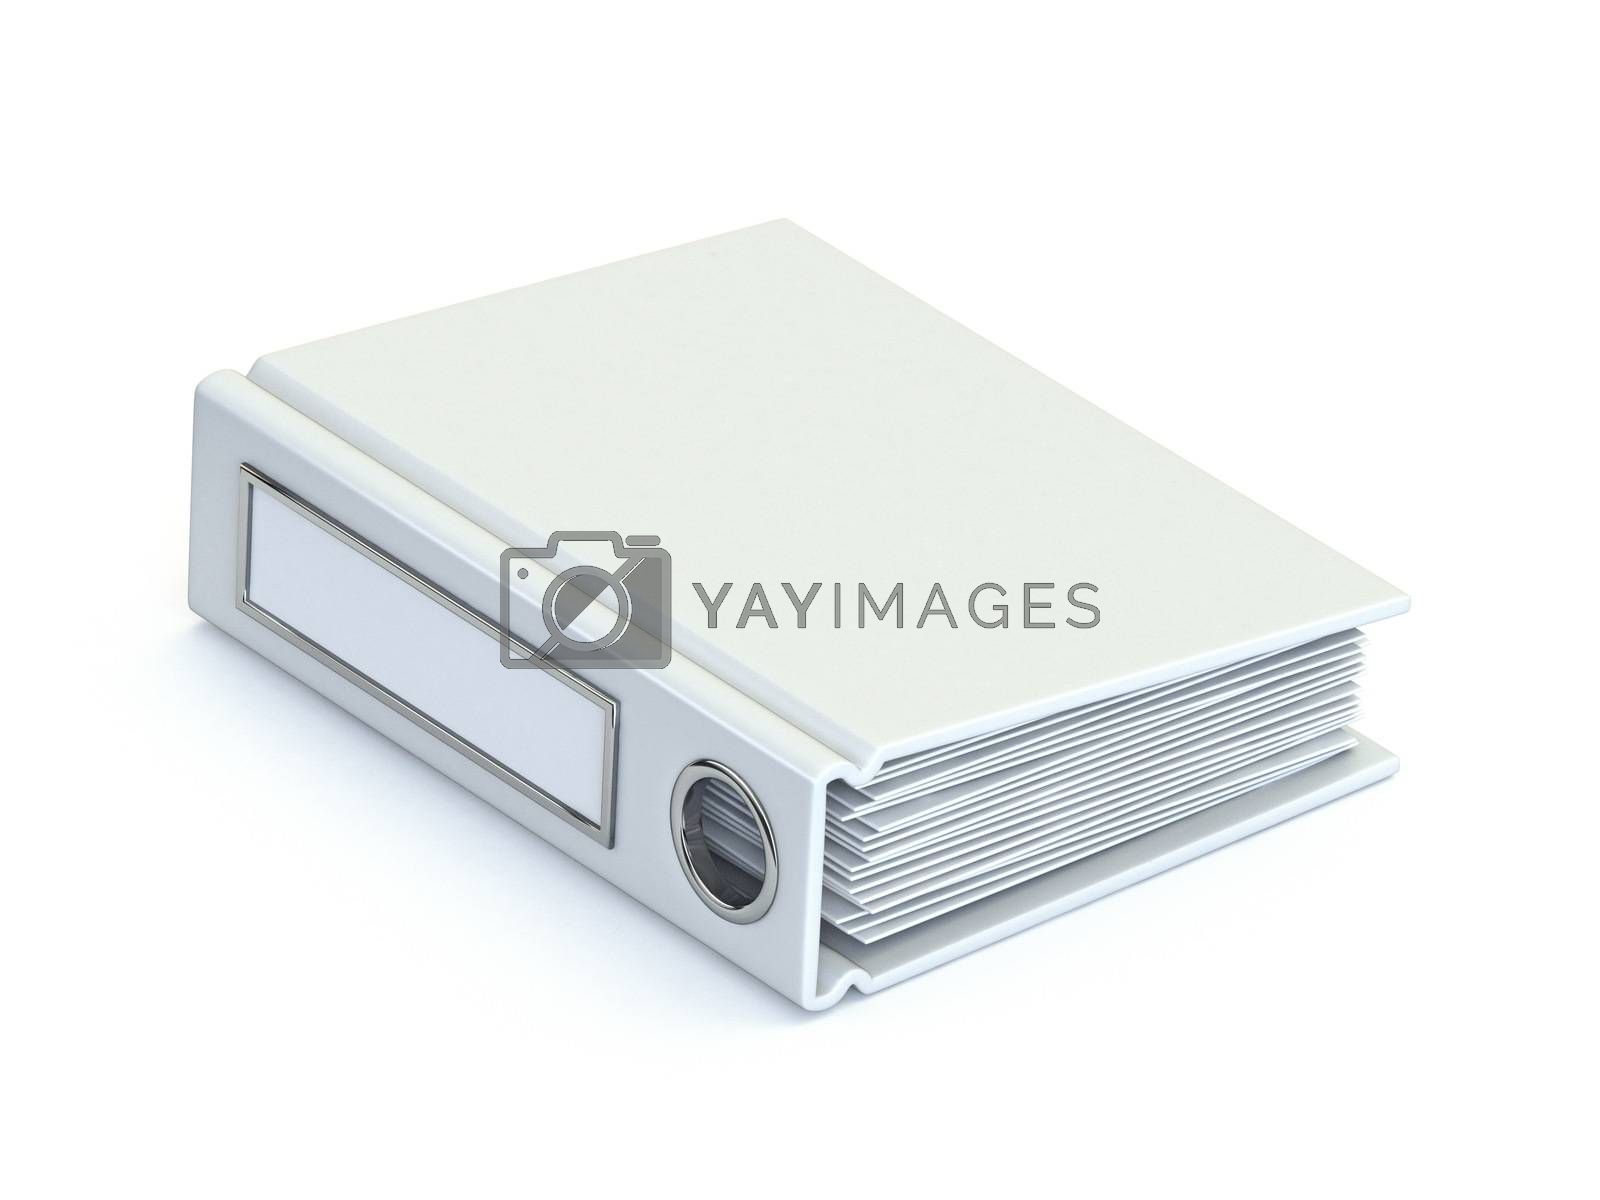 White office folder 3D render illustration isolated on white background